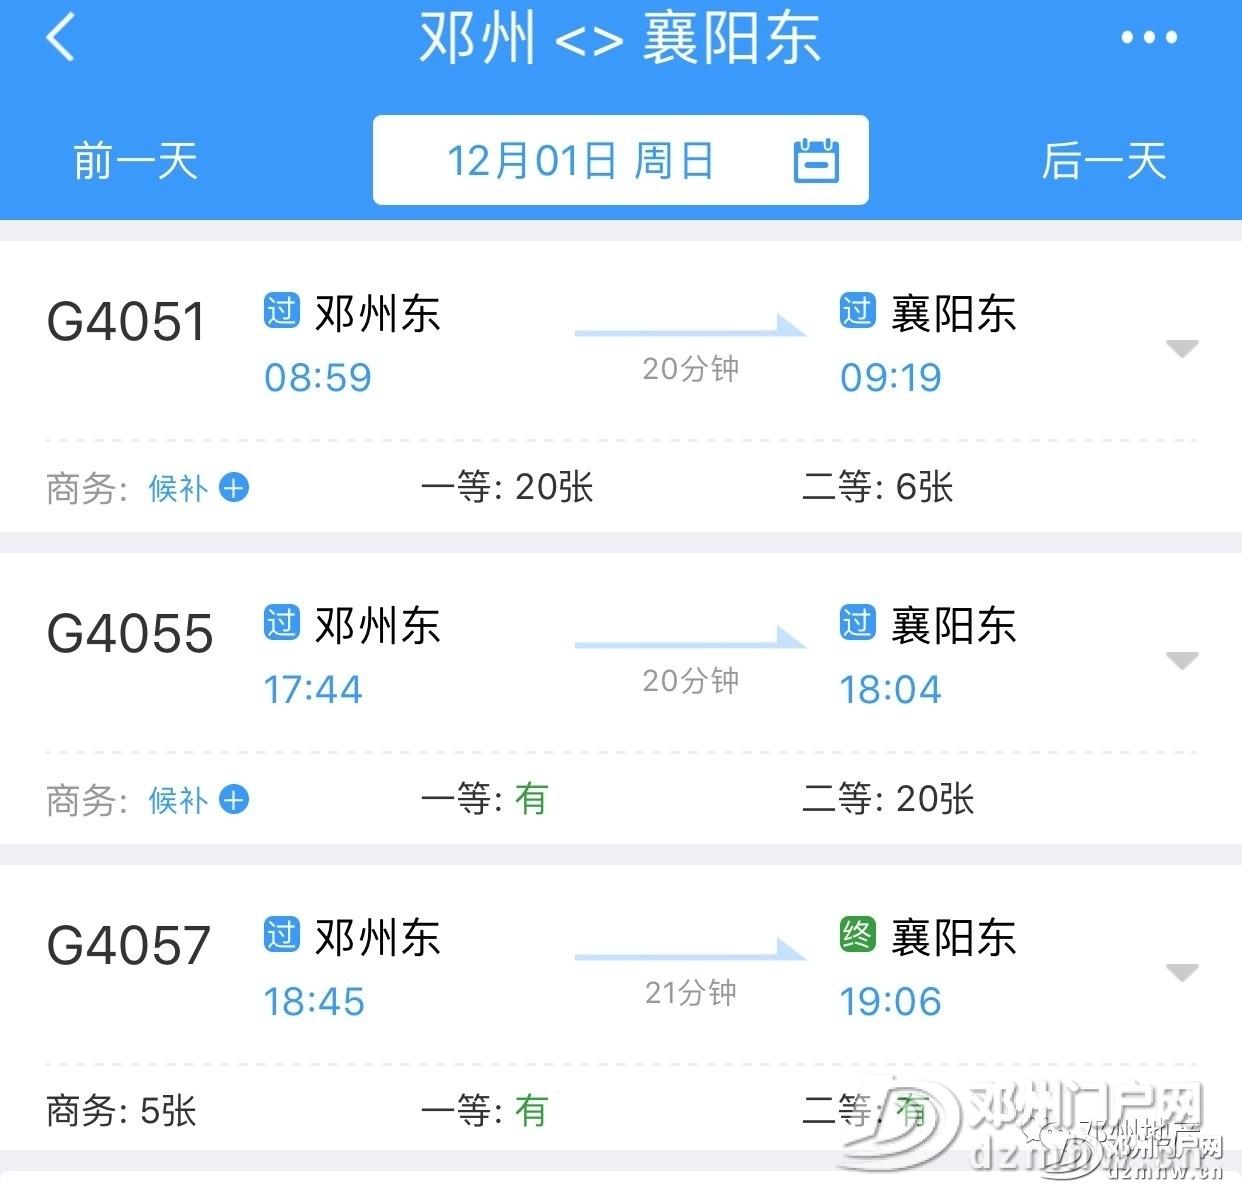 邓州高铁通往北上广深杭津成等城市票价和时刻表来了 - 邓州门户网 邓州网 - 008d382b3676763be364cc3895fcc26d.jpg